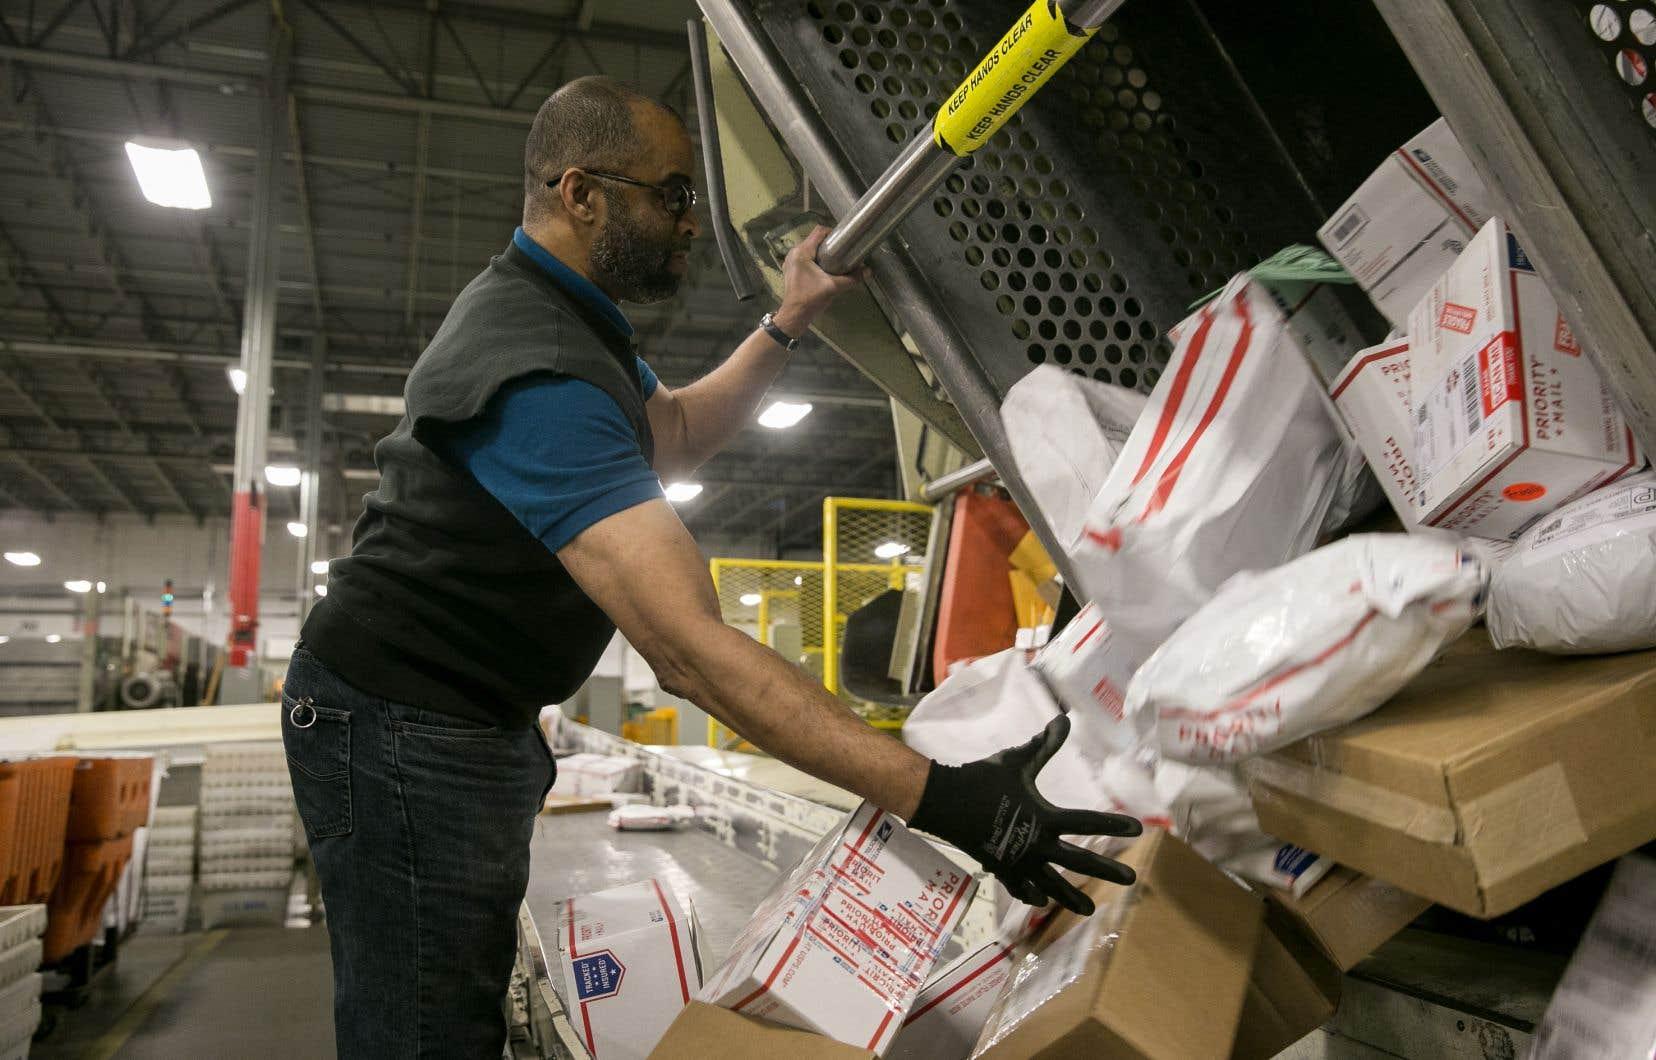 Le mois dernier, l'économie américaine a créé 103000 emplois contre 175000 attendus par les analystes, selon le département du Travail vendredi.